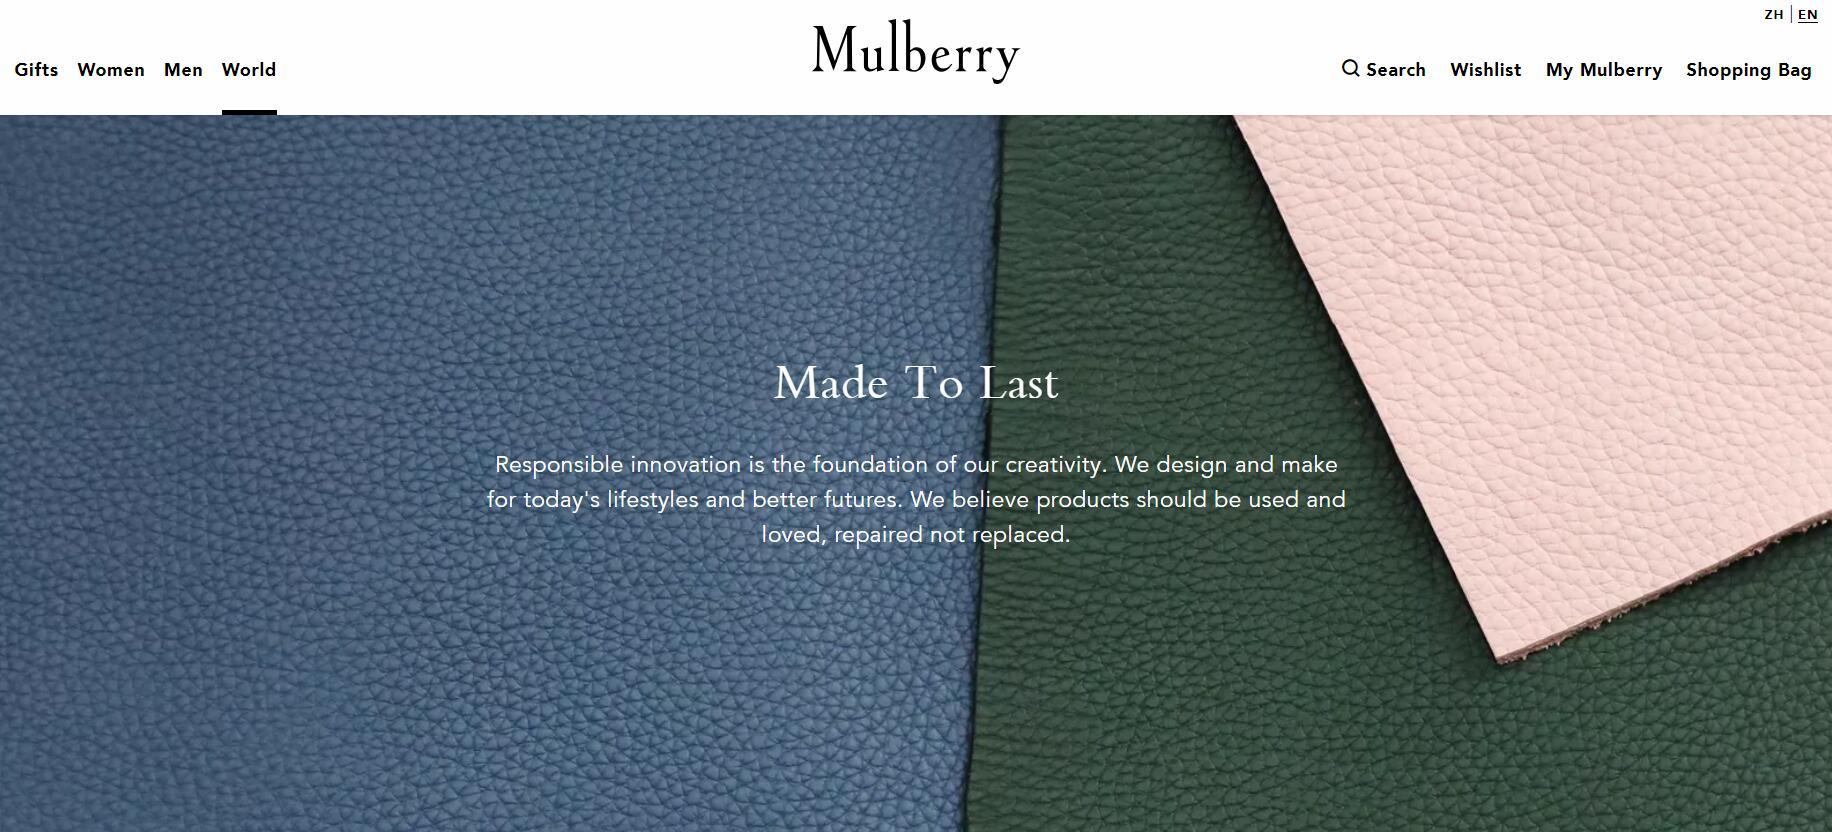 从地步到衣柜,英国轻奢雪具消费商 Mulberry 颁布 Made to Last 可连接宣言